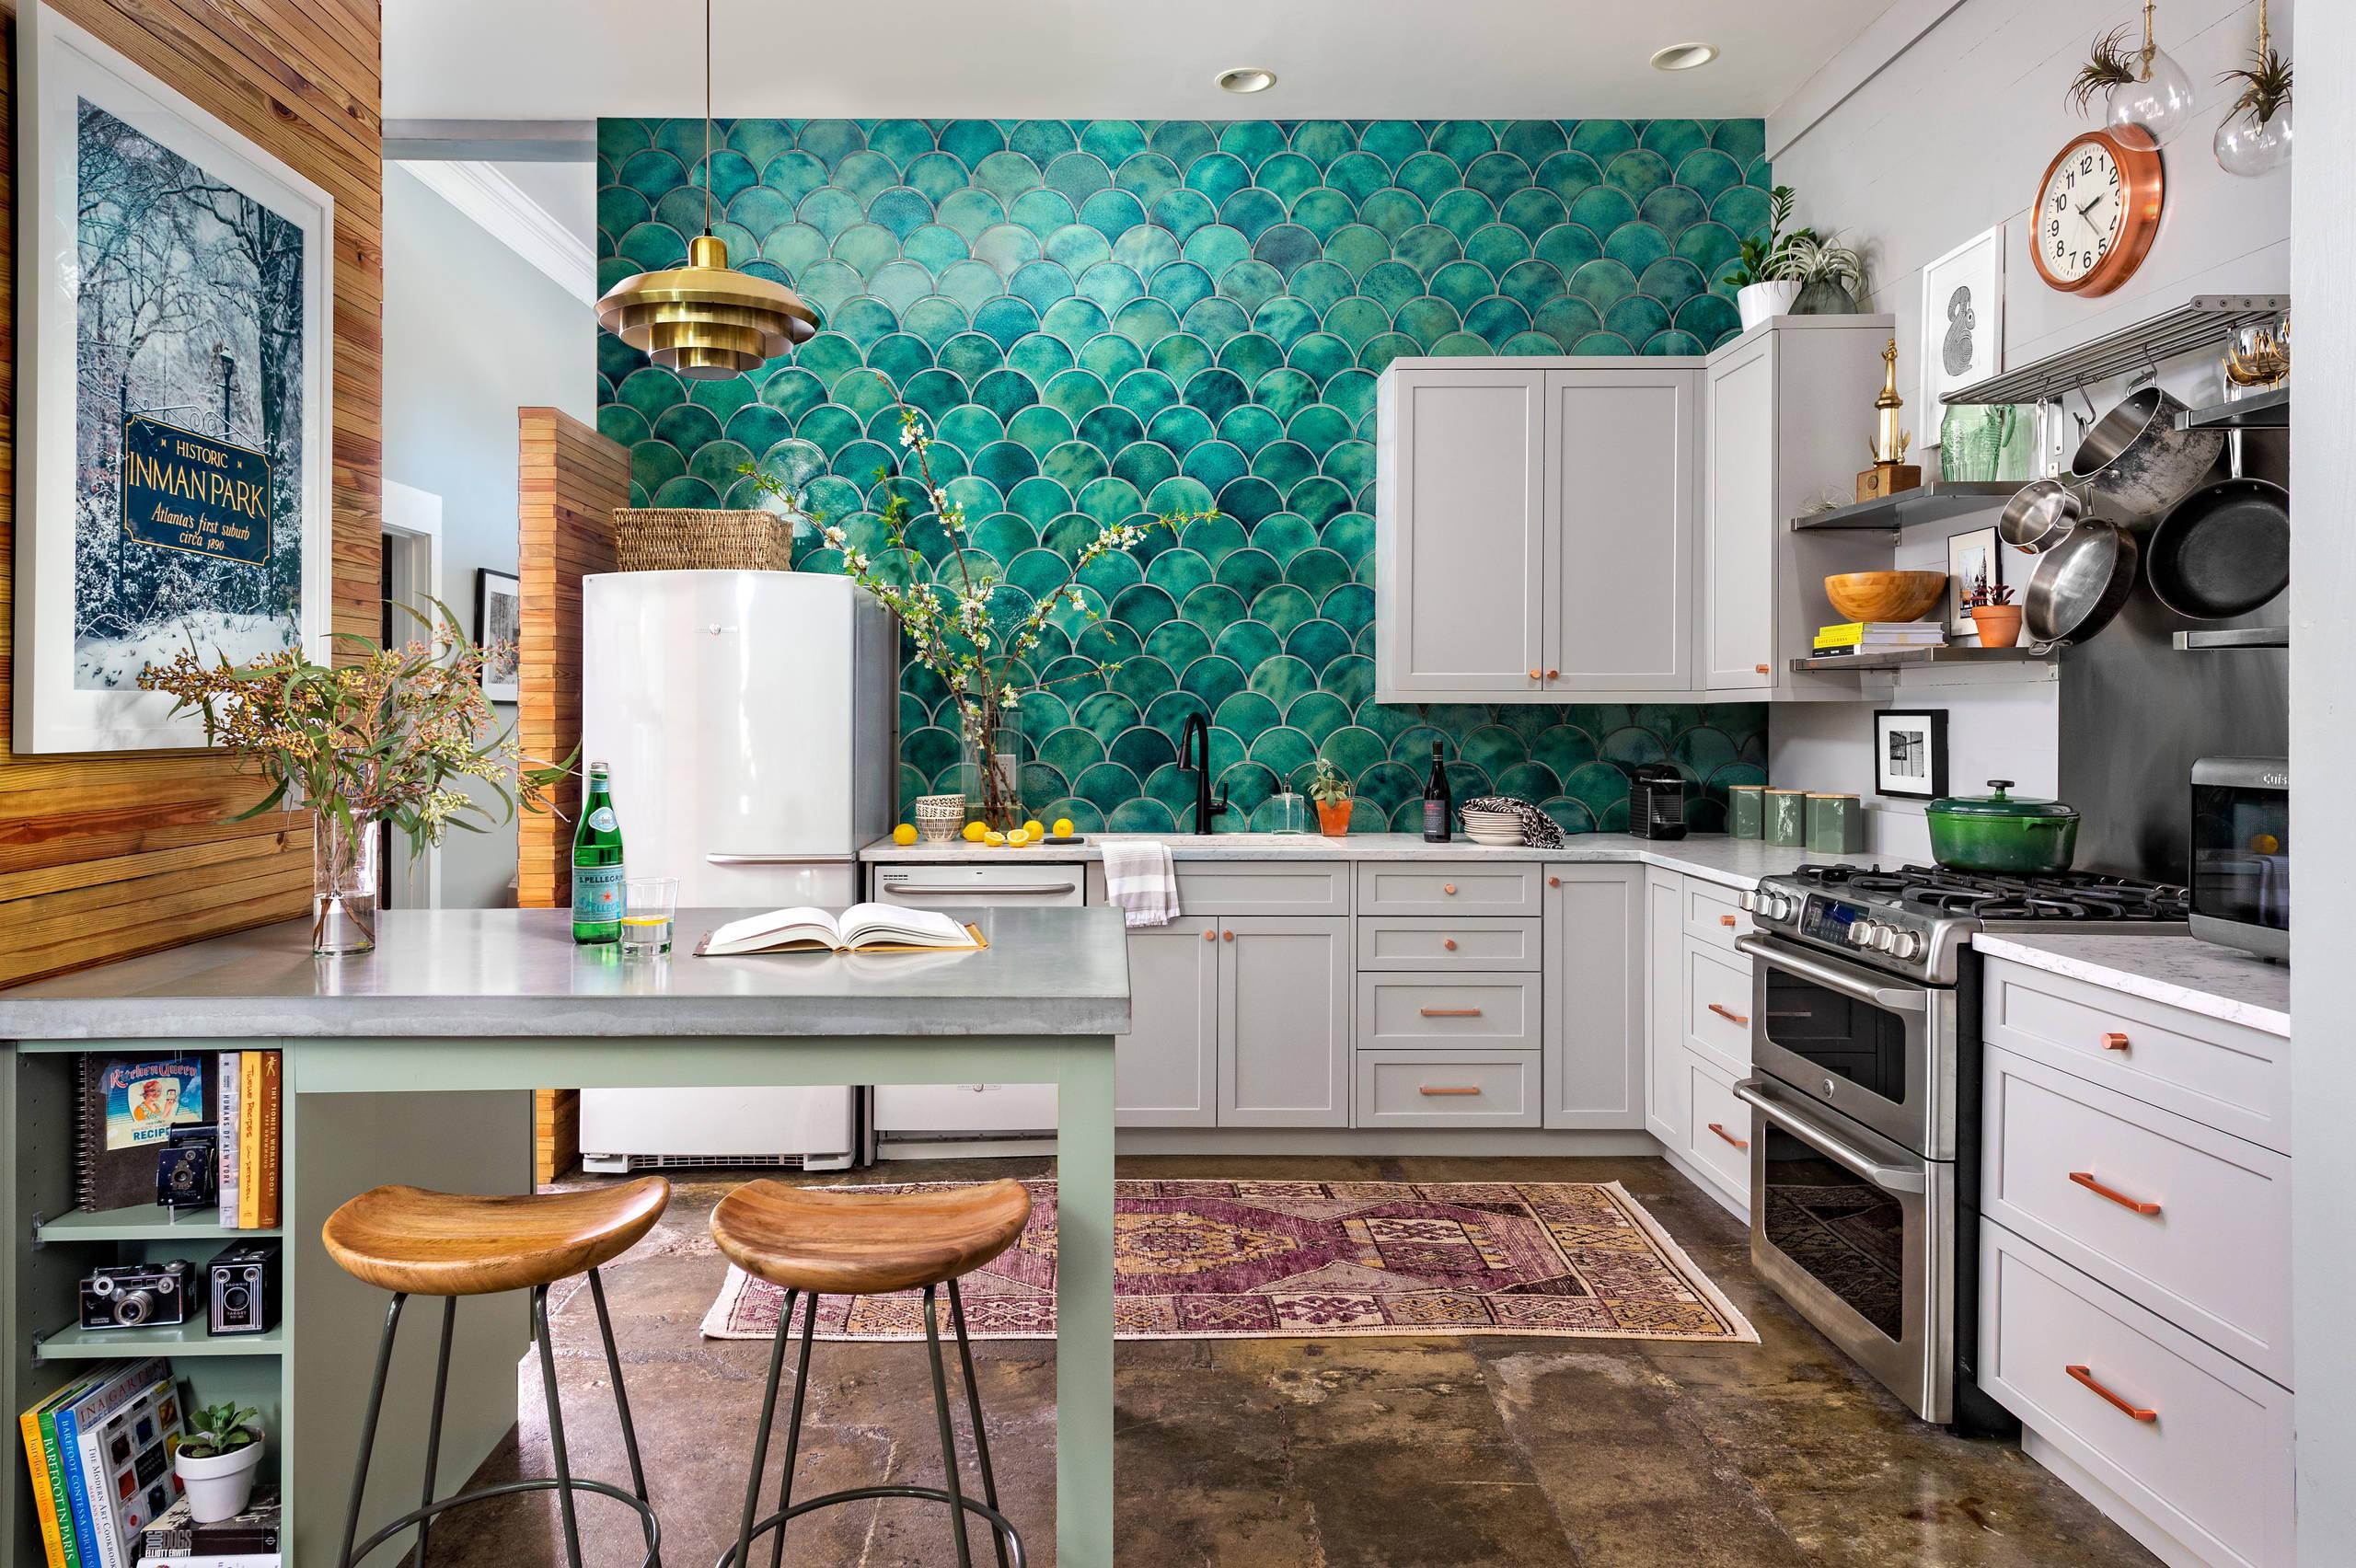 - Teal Tile Backsplash Kitchen Ideas & Photos Houzz